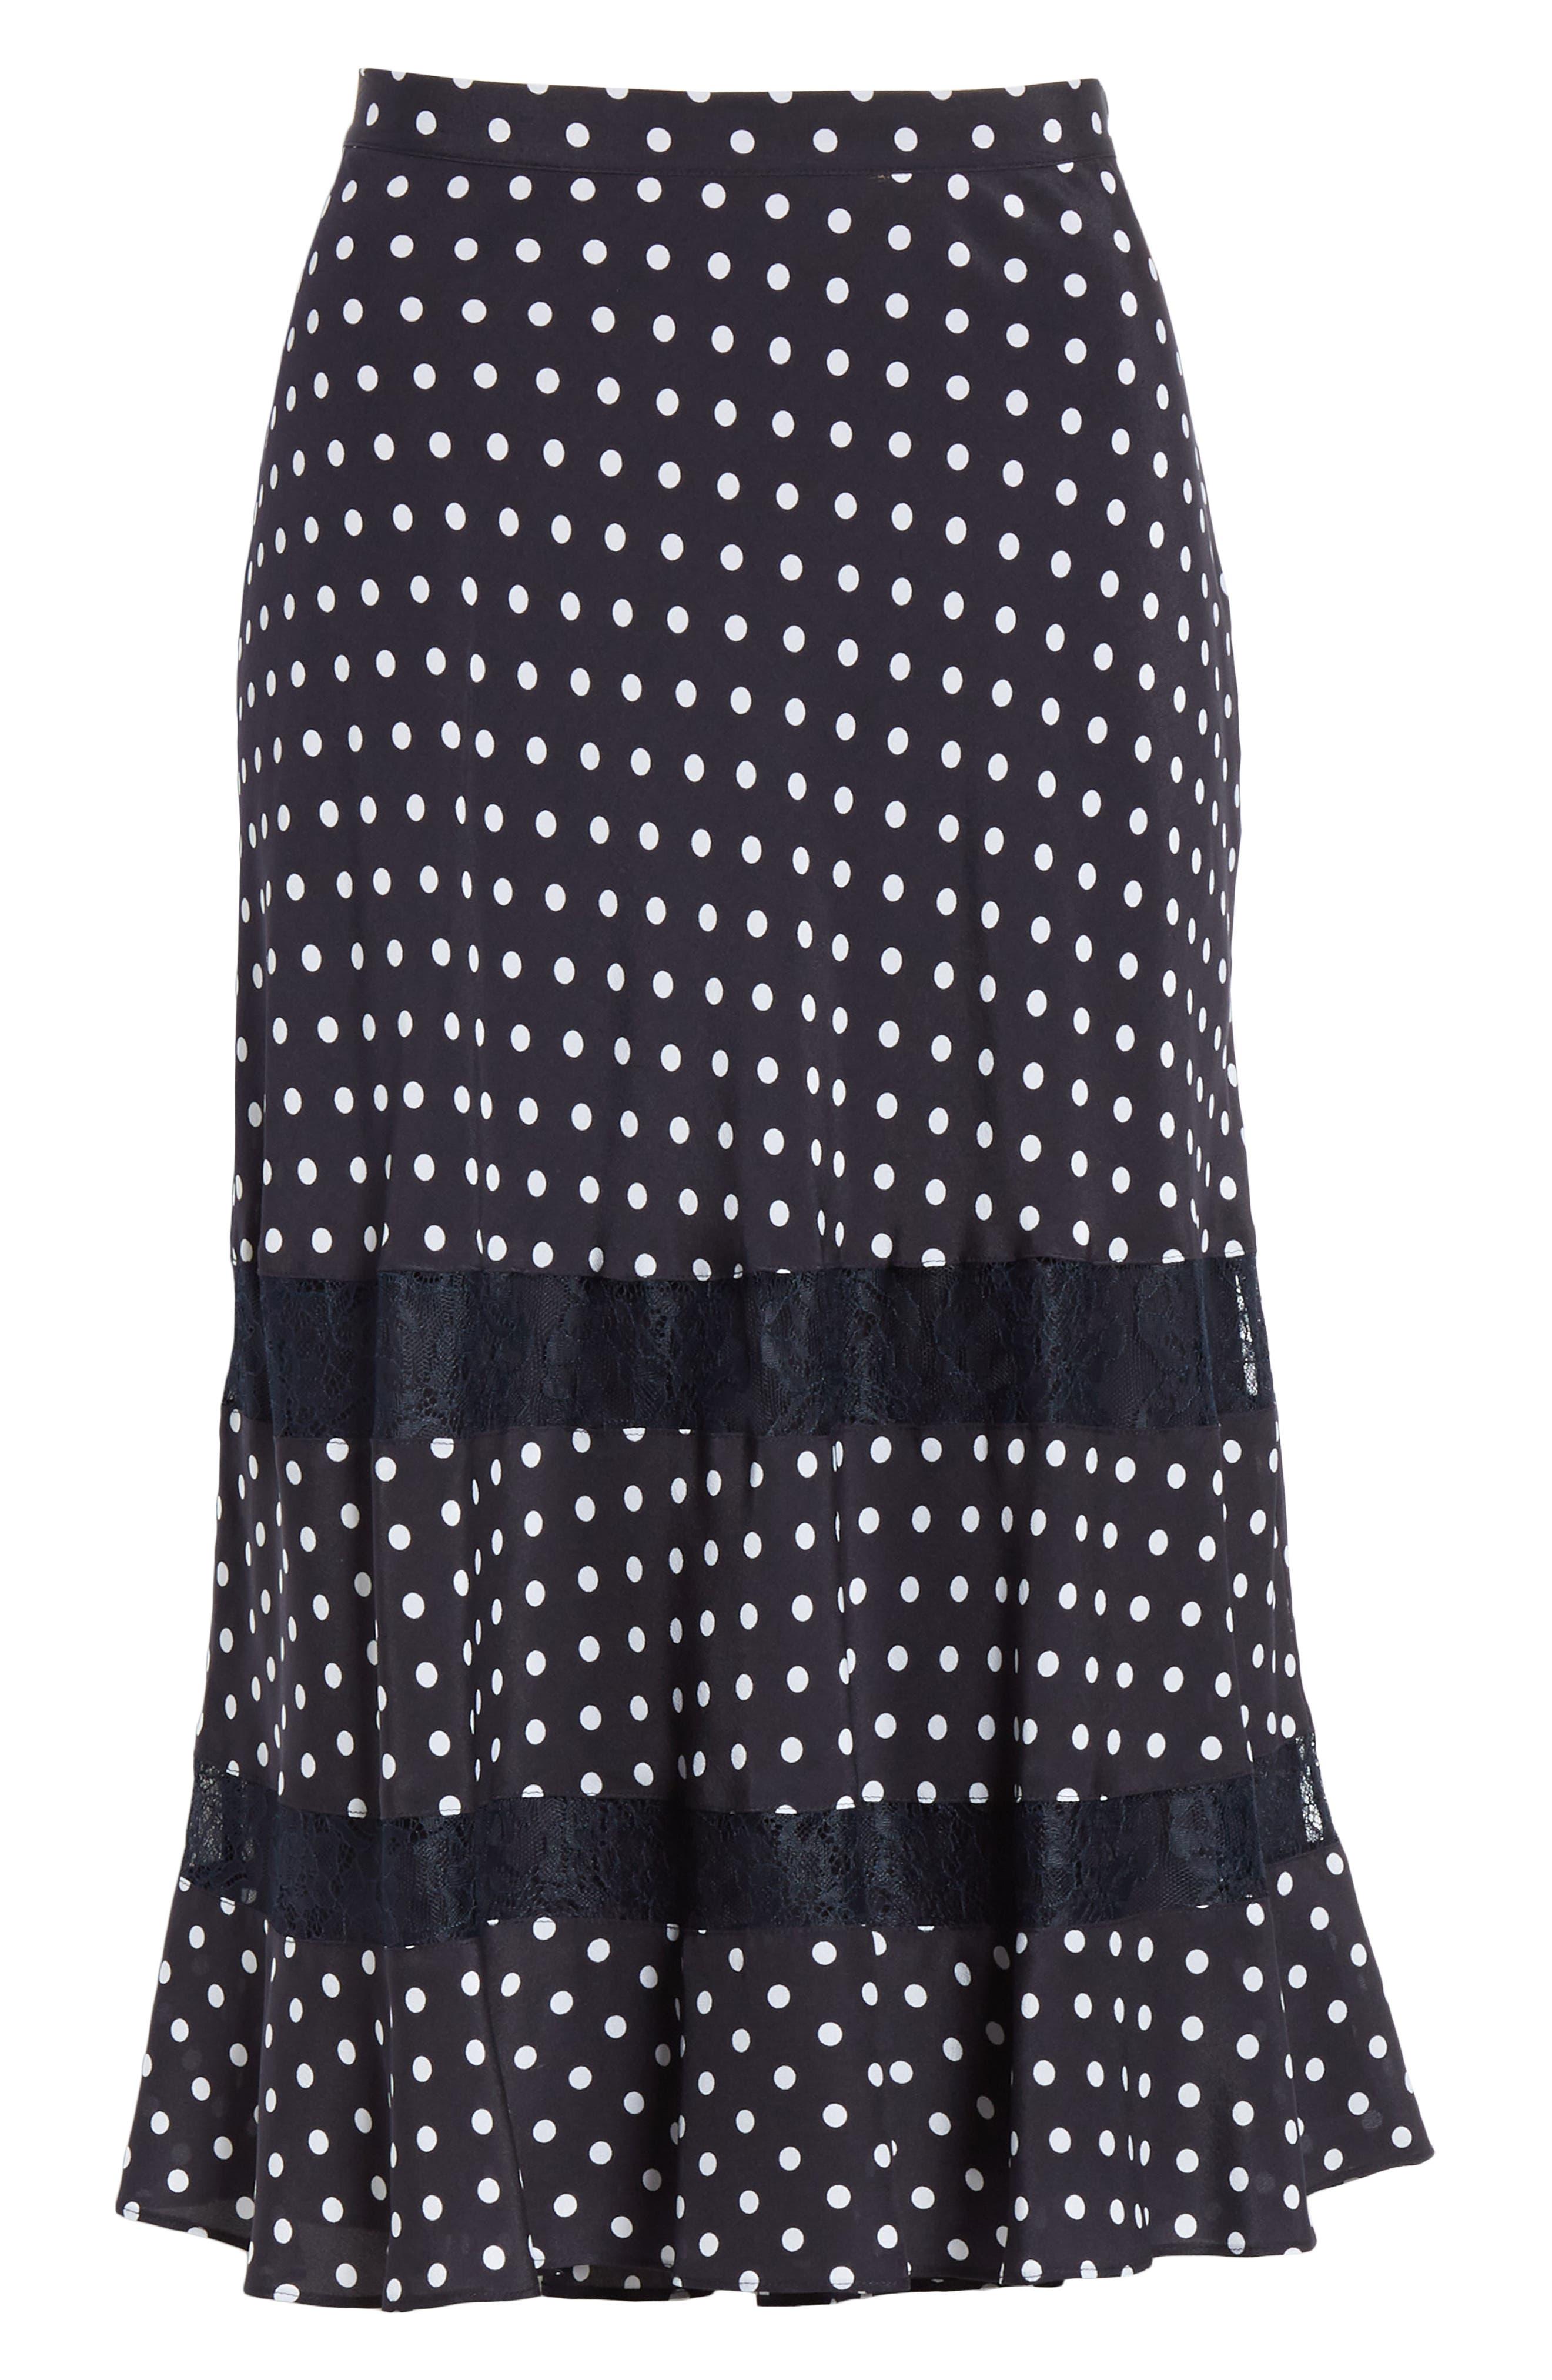 Lace Trim Dot Silk Skirt,                             Alternate thumbnail 6, color,                             NAVY NIGHT PETITE DOT